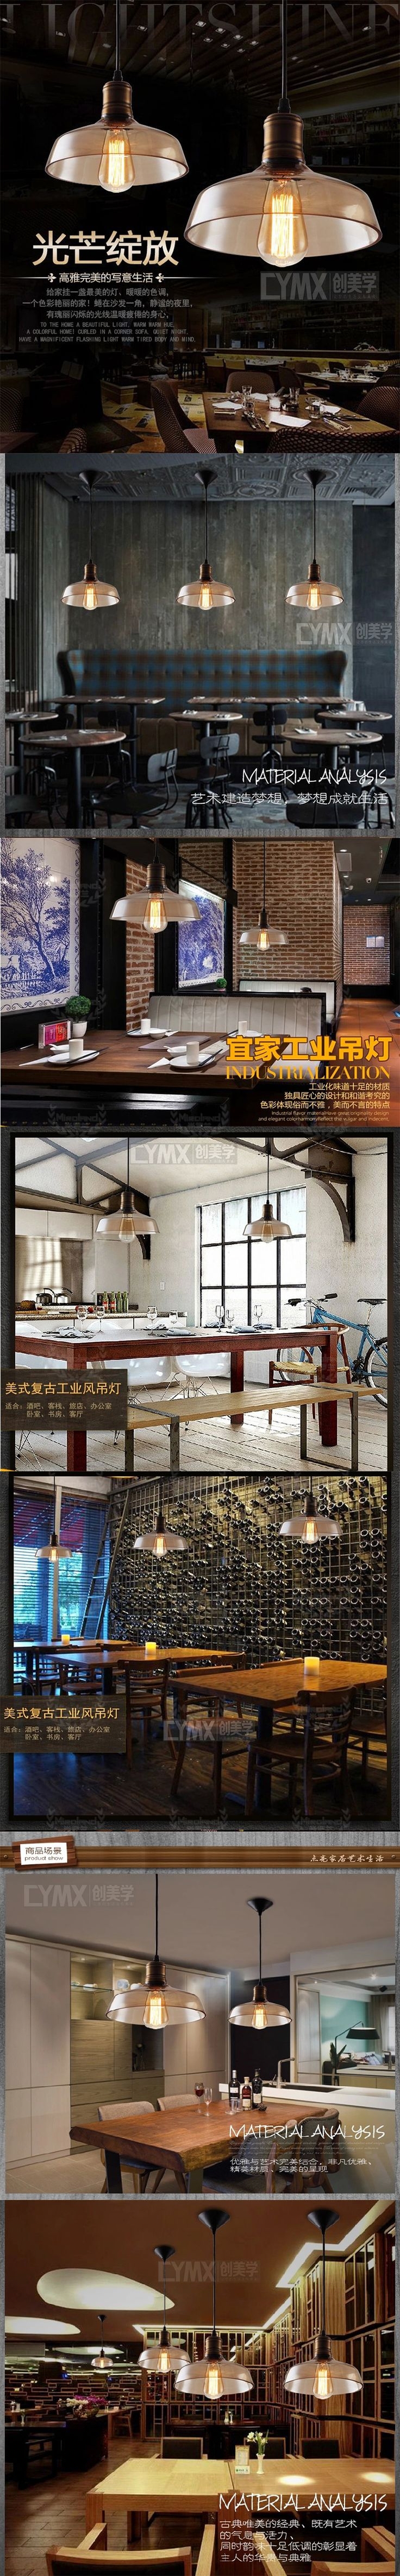 Американских ретро-кафе творческих индустрий люстра висит абажур правая одежда висит стекла освещение с одной головкой - Taobao